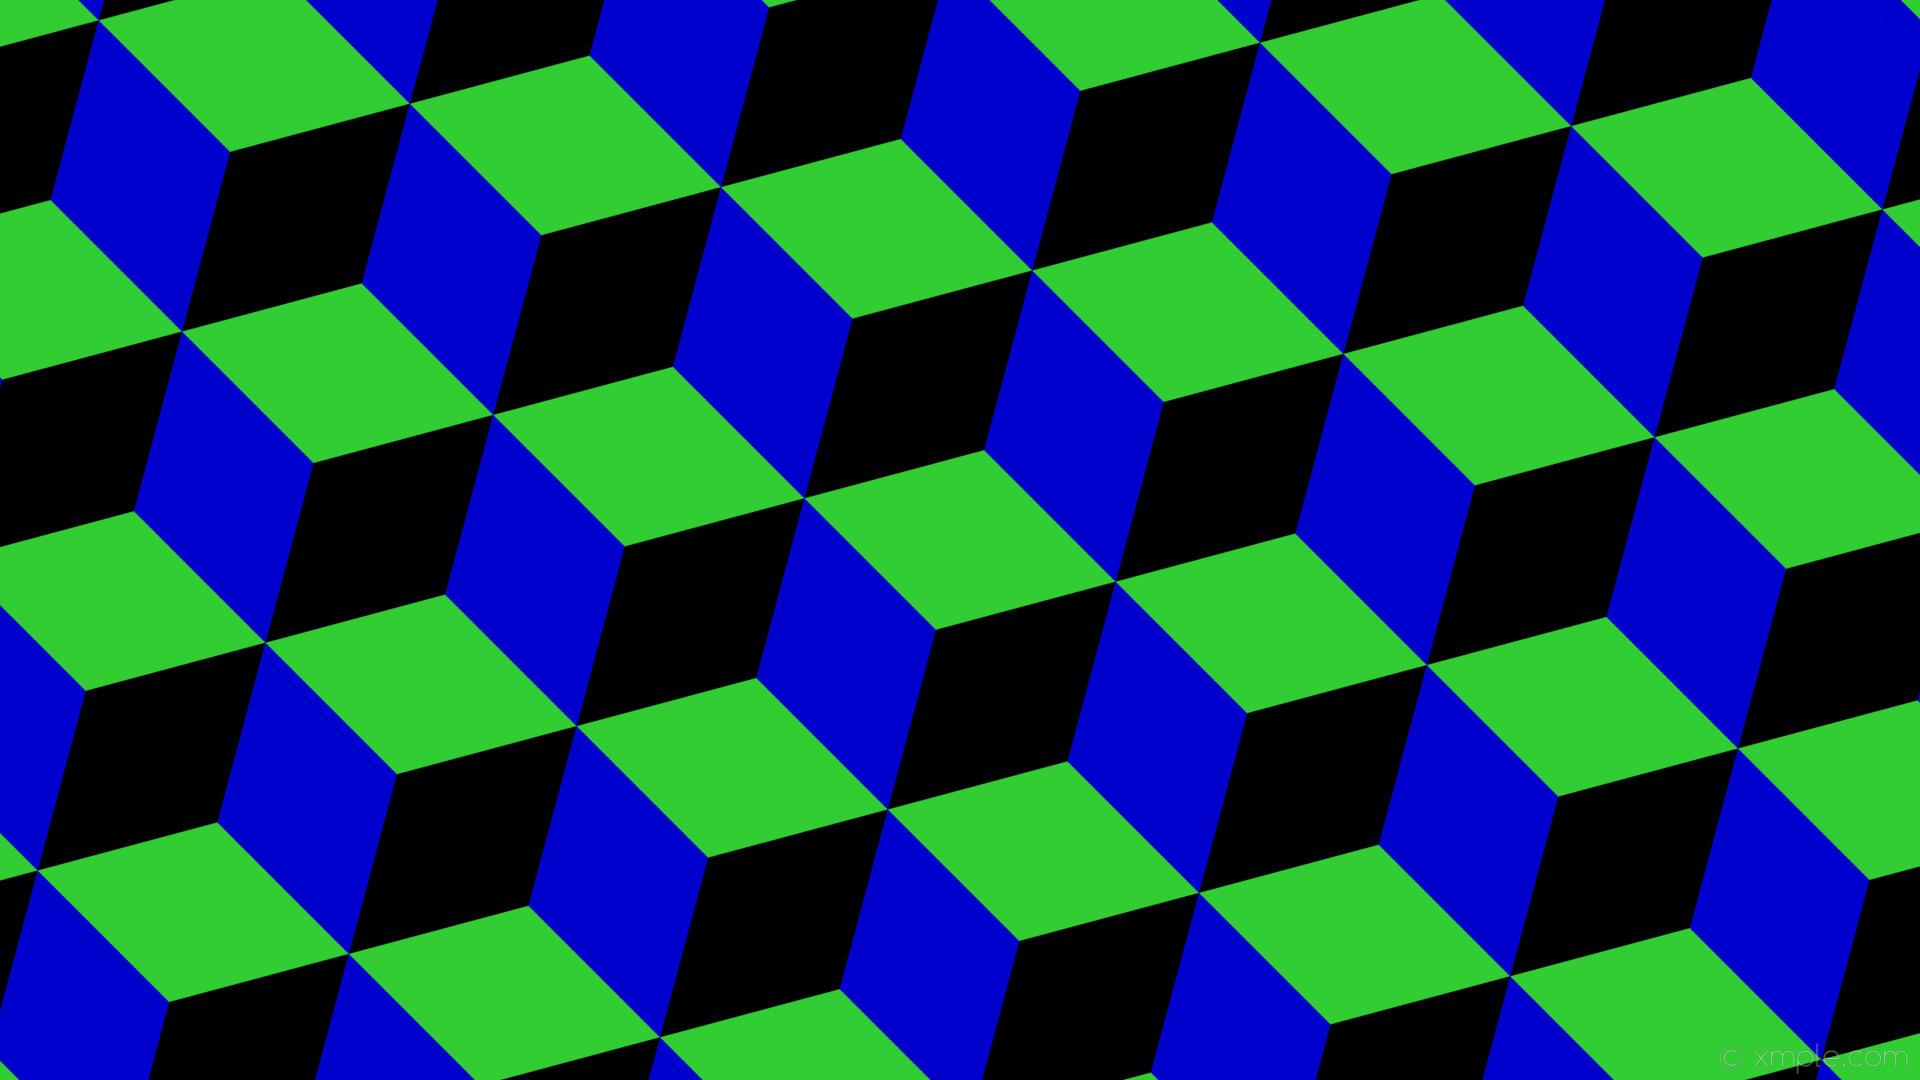 wallpaper green black blue 3d cubes lime green medium blue #32cd32 #0000cd  #000000